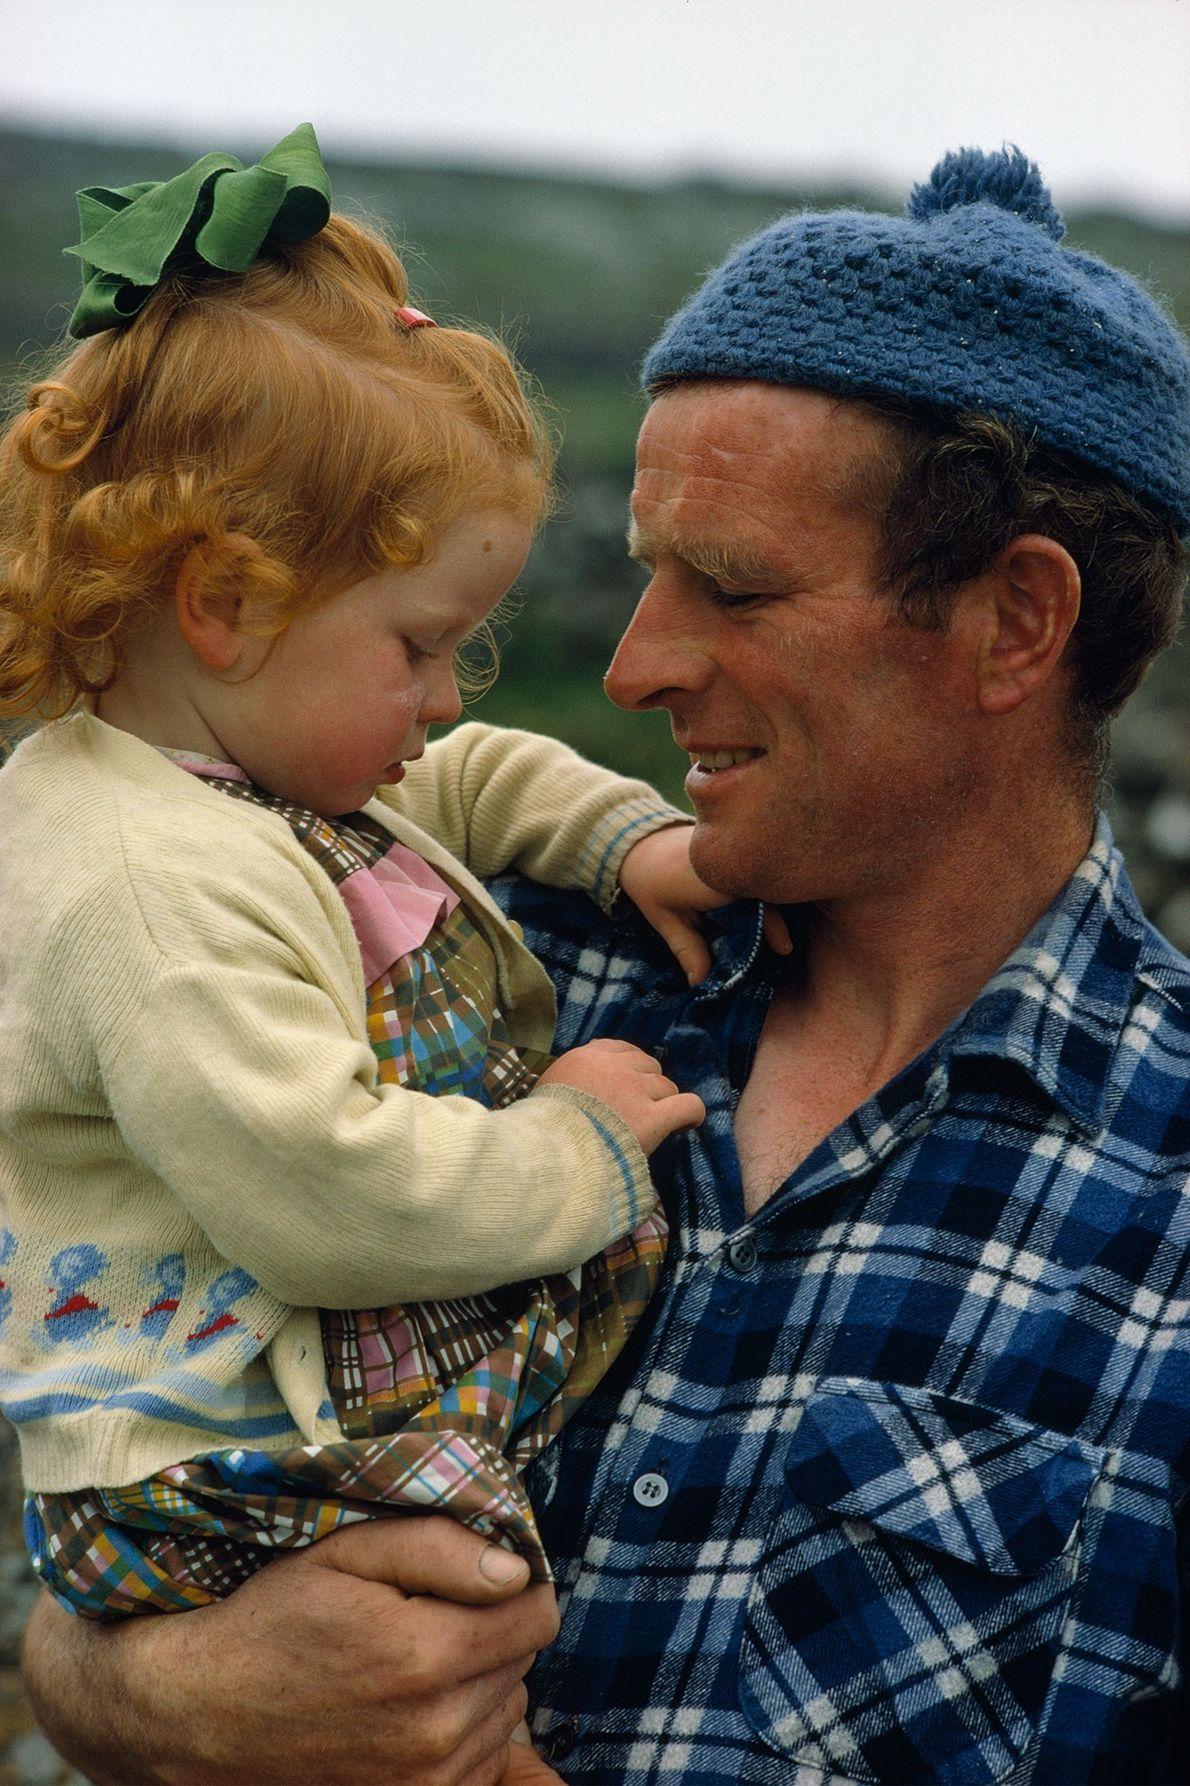 Un pêcheur tient tendrement sa fille dans ses bras sur l'île Inis Meáin, l'une des îles ...